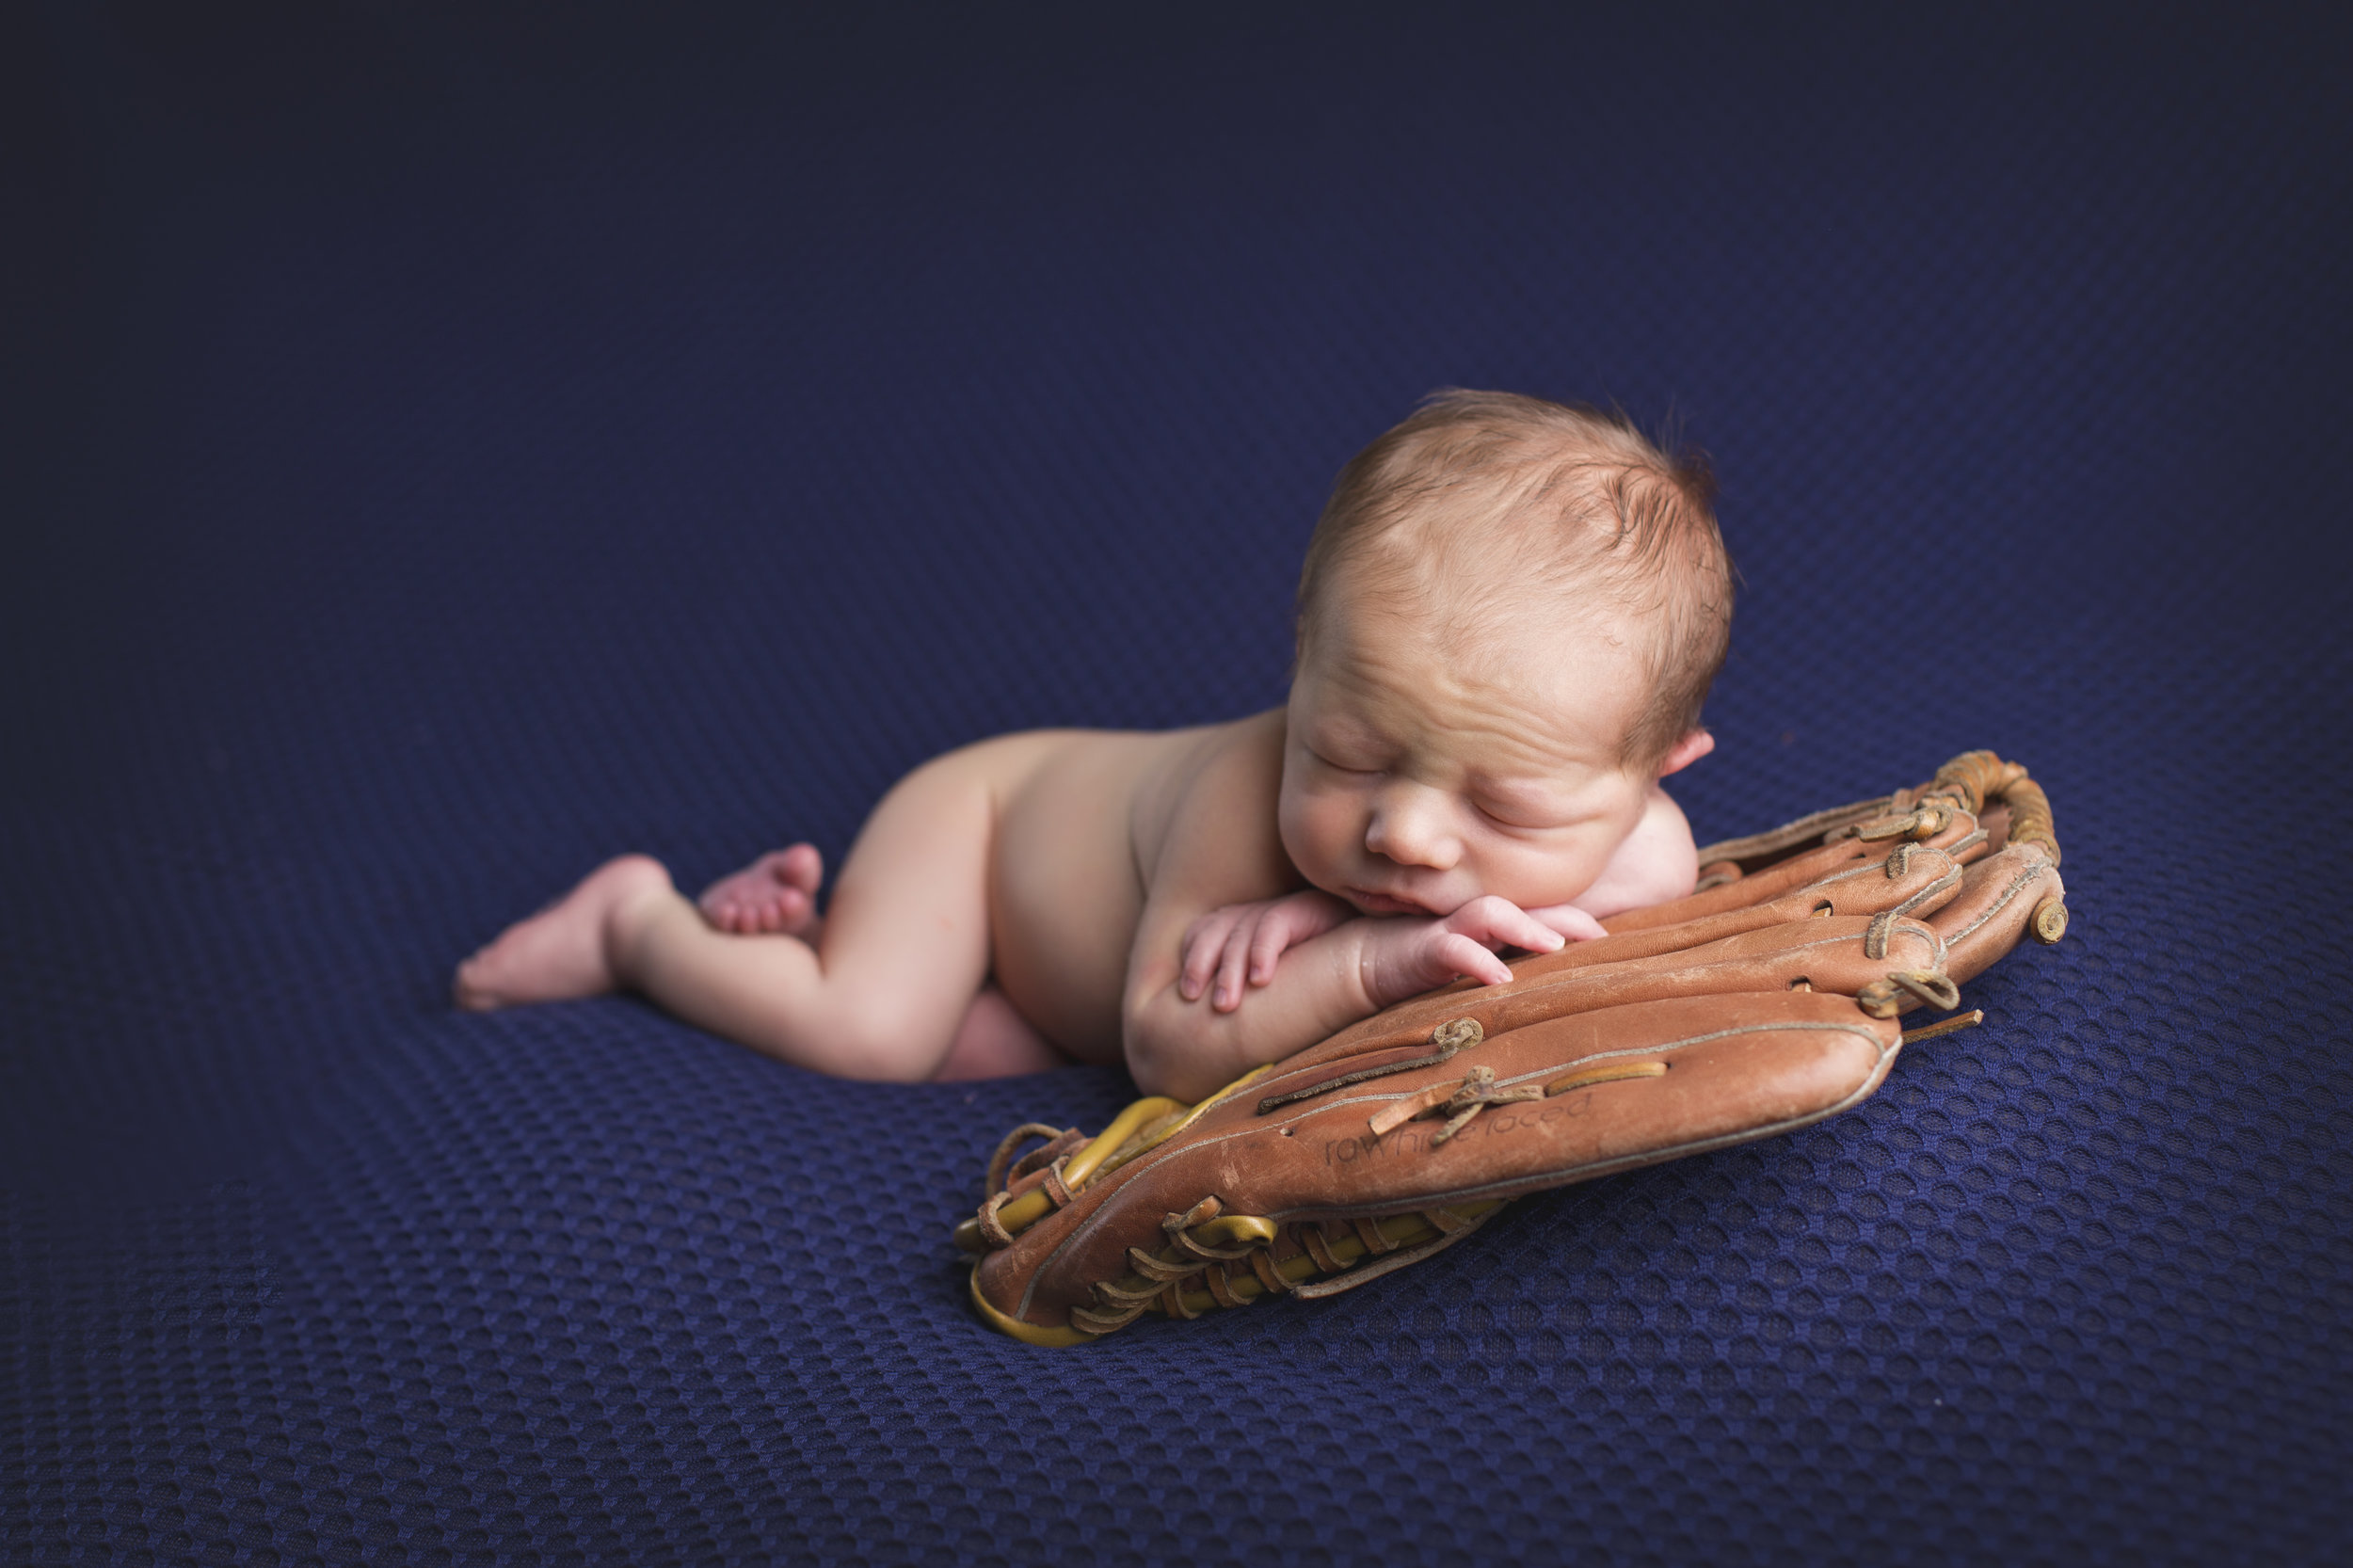 Danner_Newborn-16.jpg